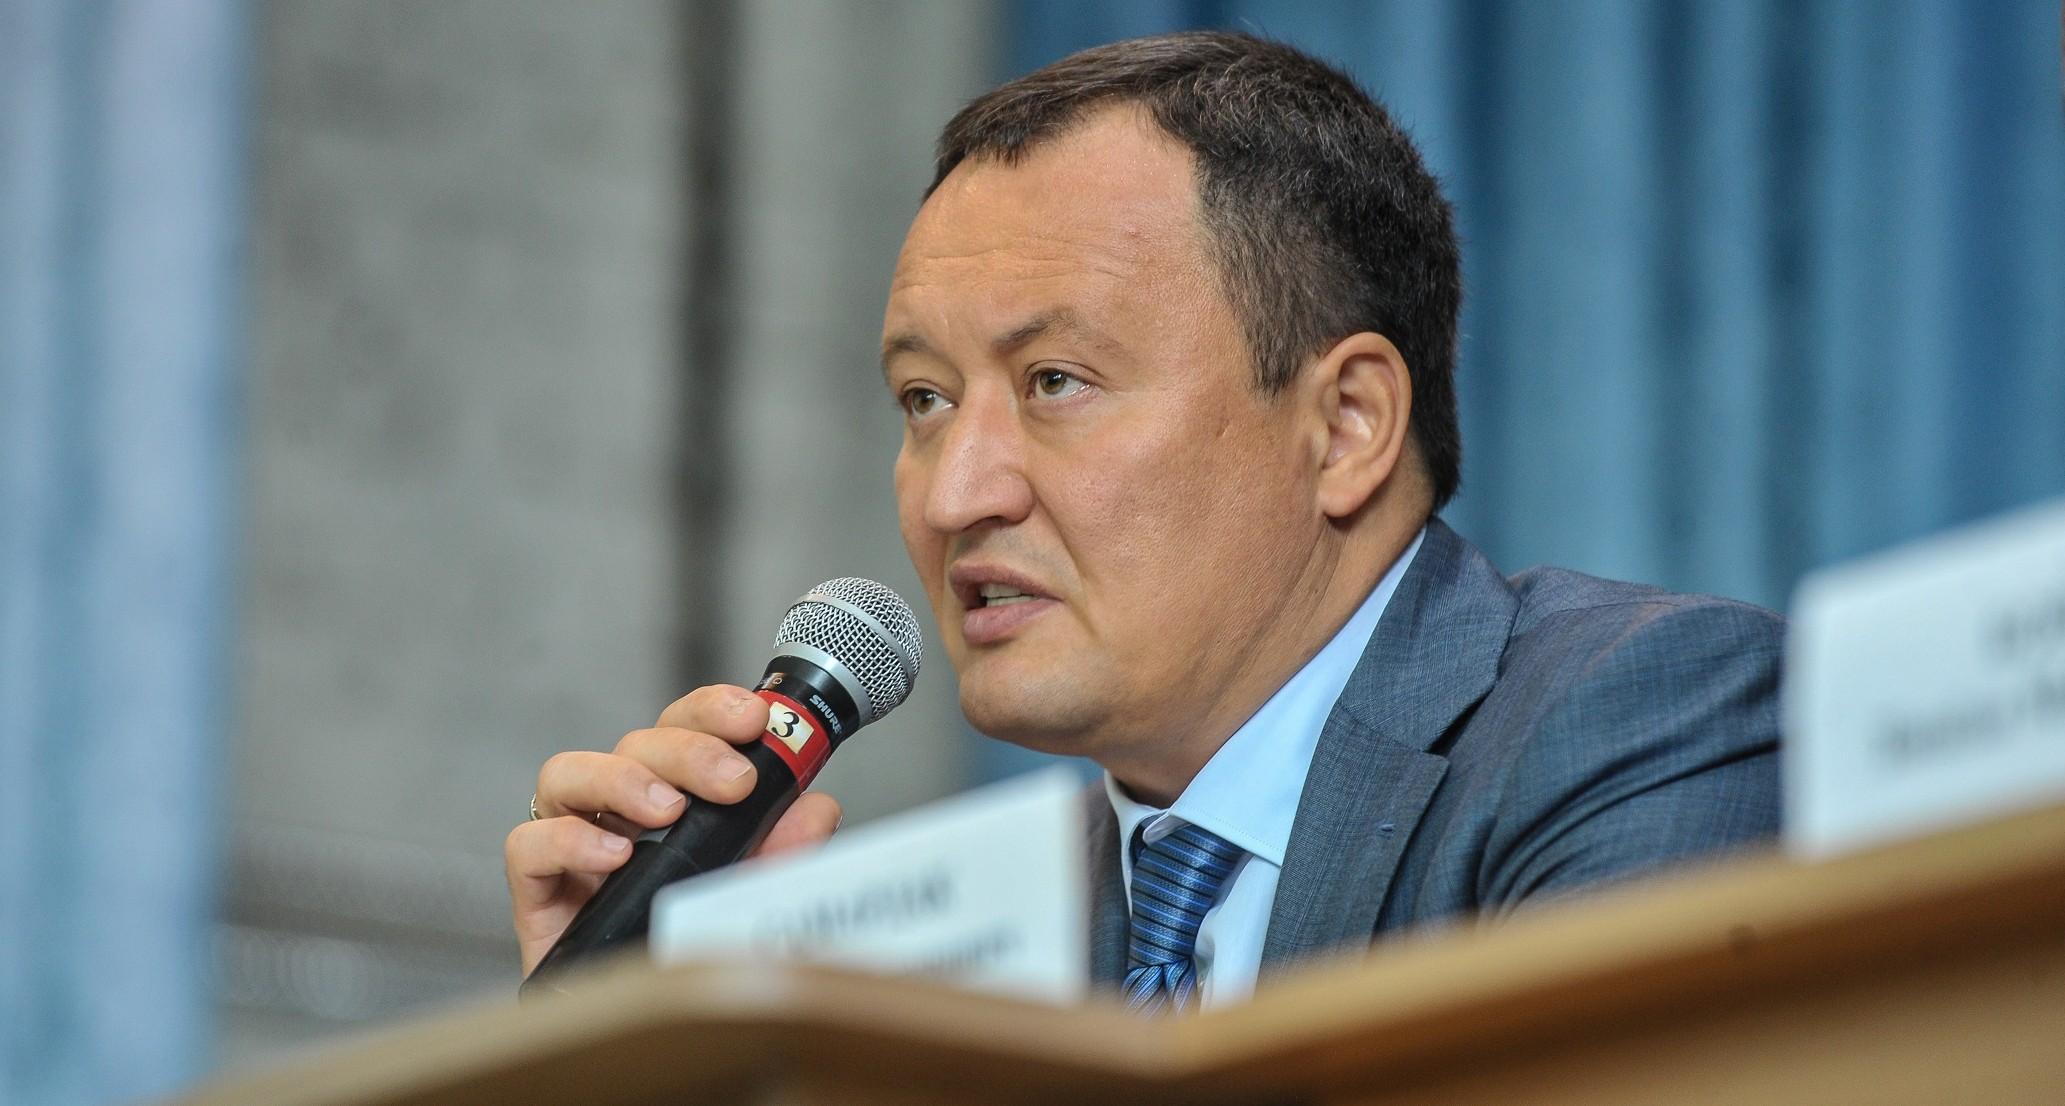 Запорожский губернатор проведет публичный отчет не в облсовете, а в ТЮЗе